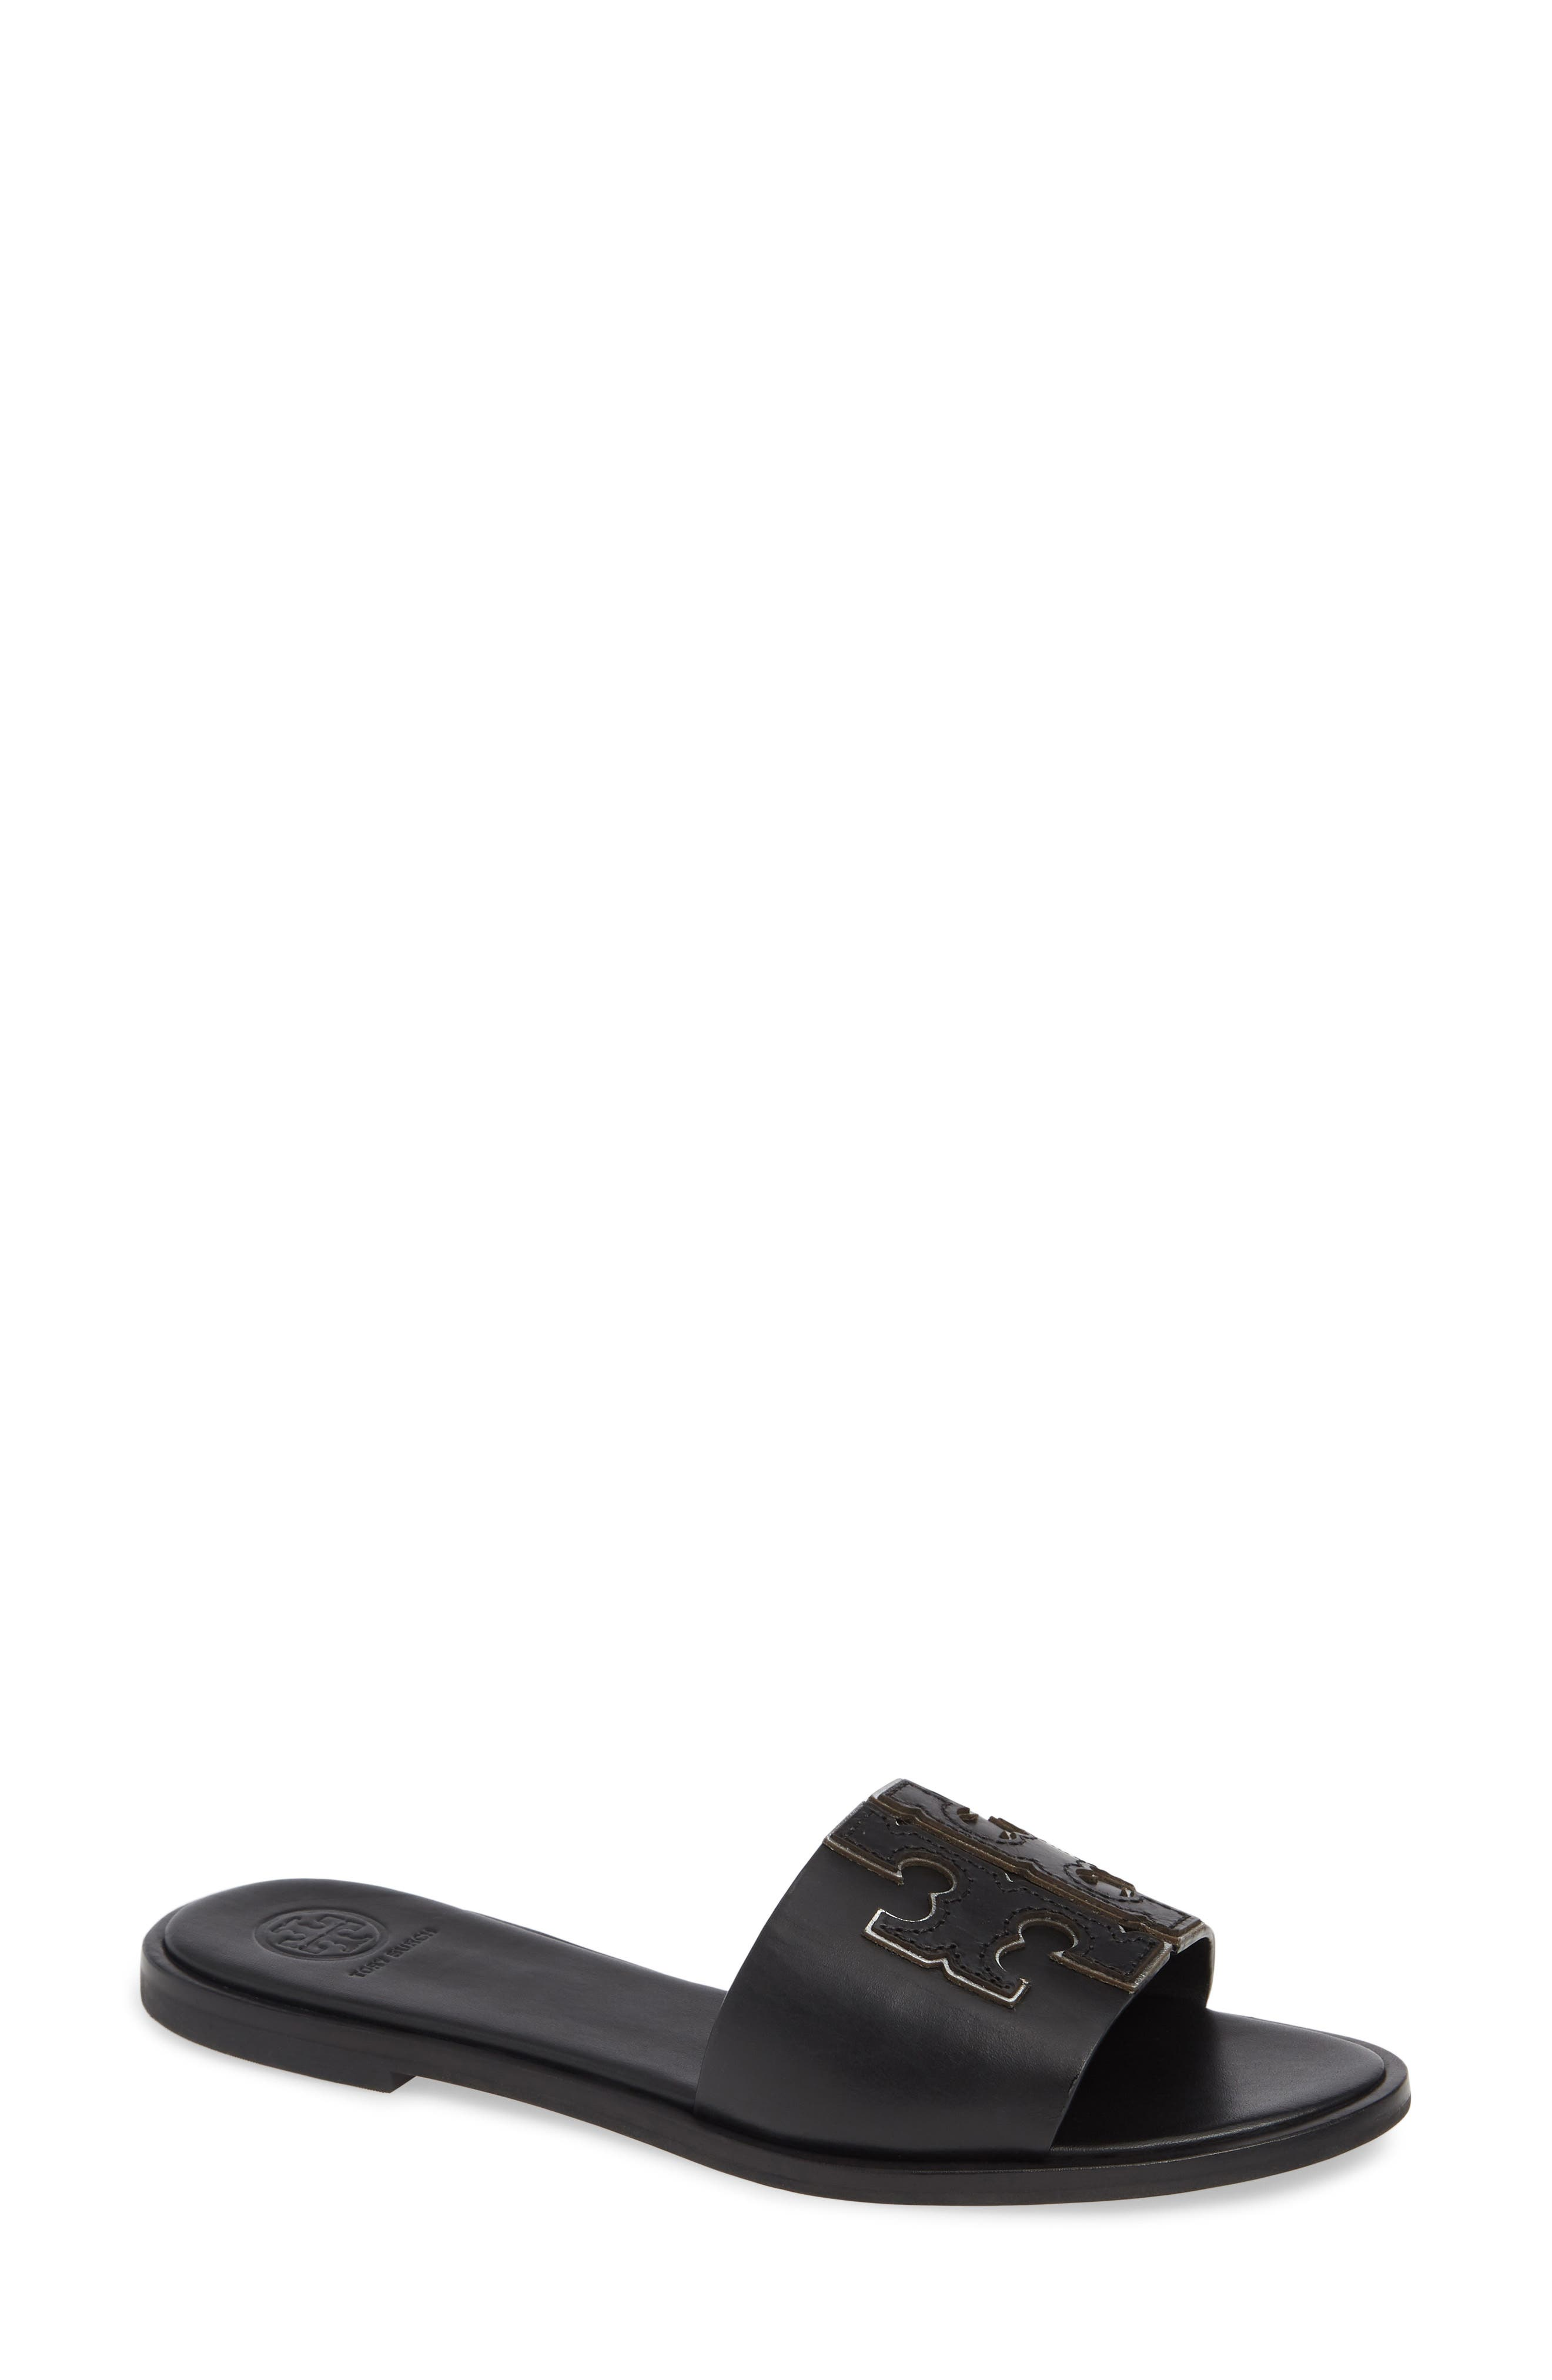 c424820ccce0 Women s Sandals  Sale